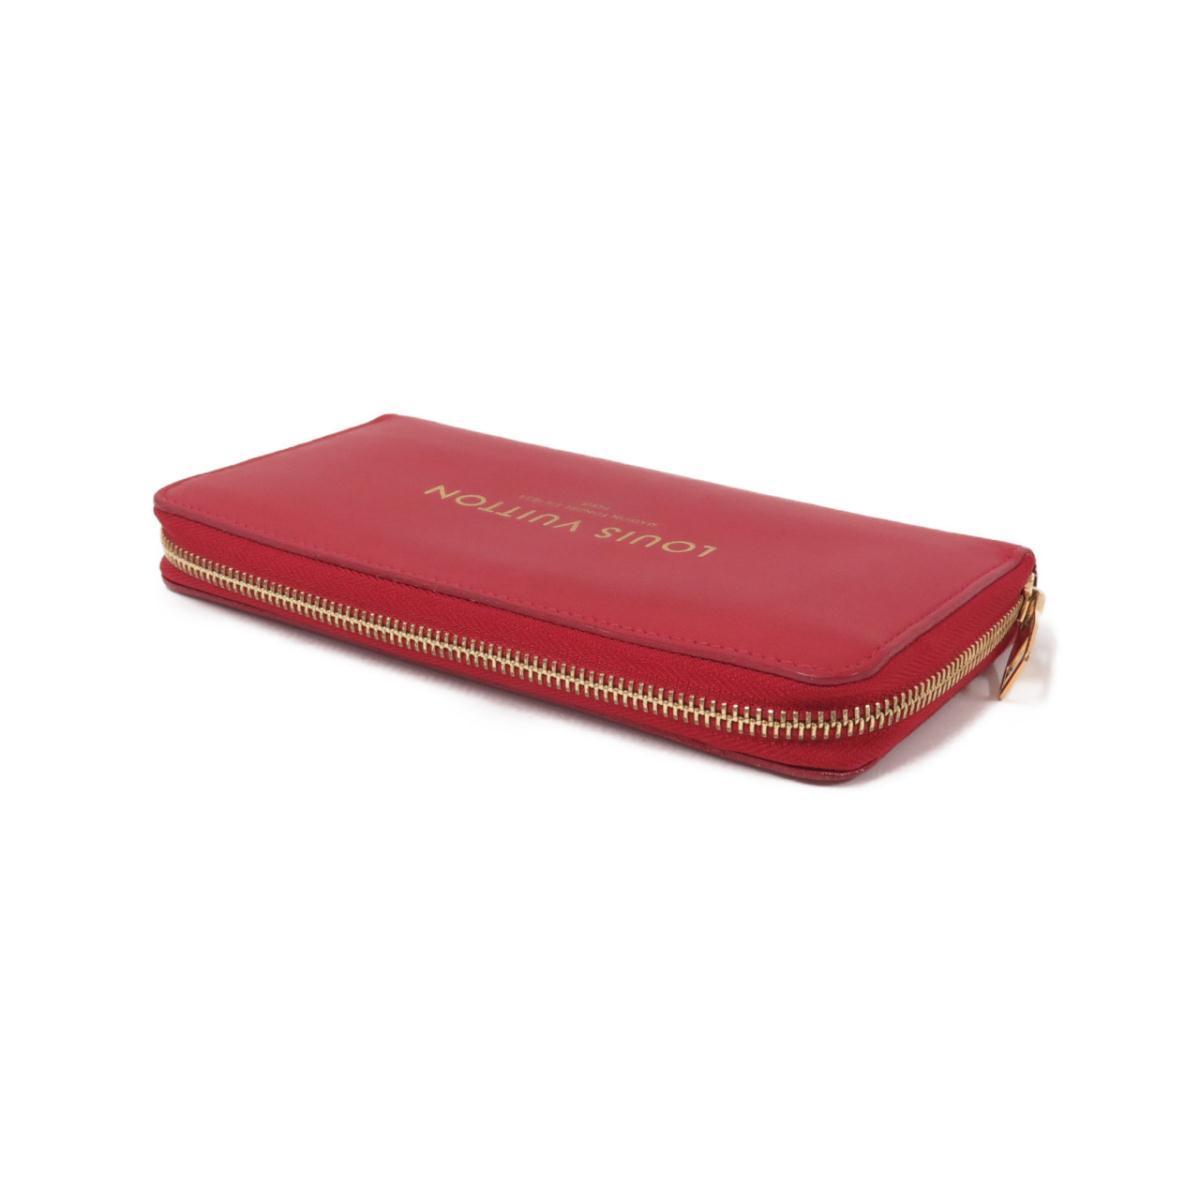 ルイヴィトン フライトバッグパナーム 財布 M58043xBWQCodre